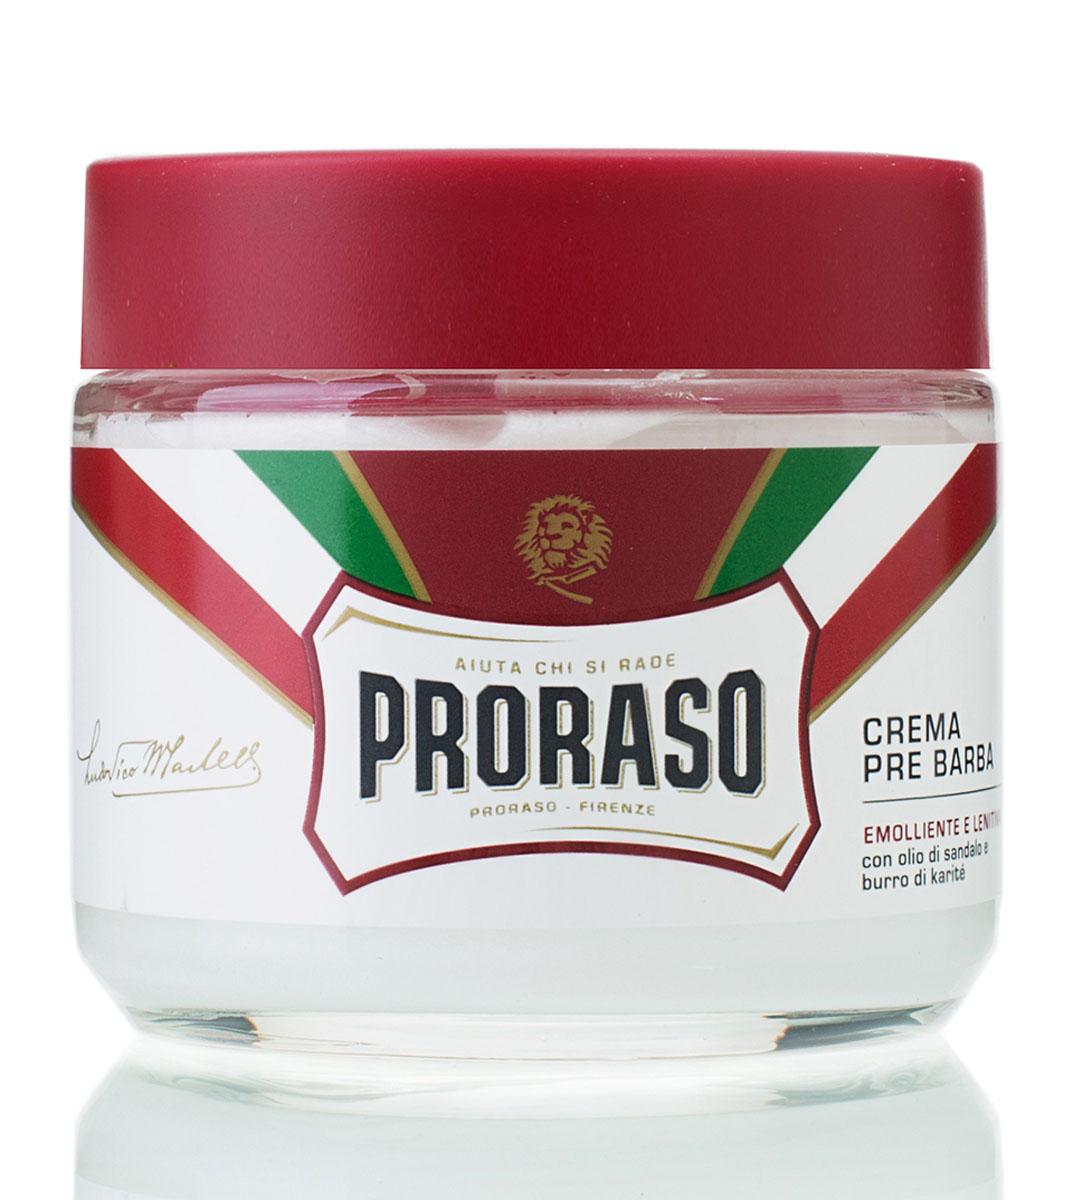 Proraso Крем до бритья питательный 100 мл400402Крем Prorasoдля подготовки кожи к бритью (pre-shave) имеет плотную, концентрированную текстуру, которая делает кожу эластичной, а бритье легким и безопасным. Крем содержит охлаждающие кожу компоненты, которые создают свежее бодрящее ощущение.